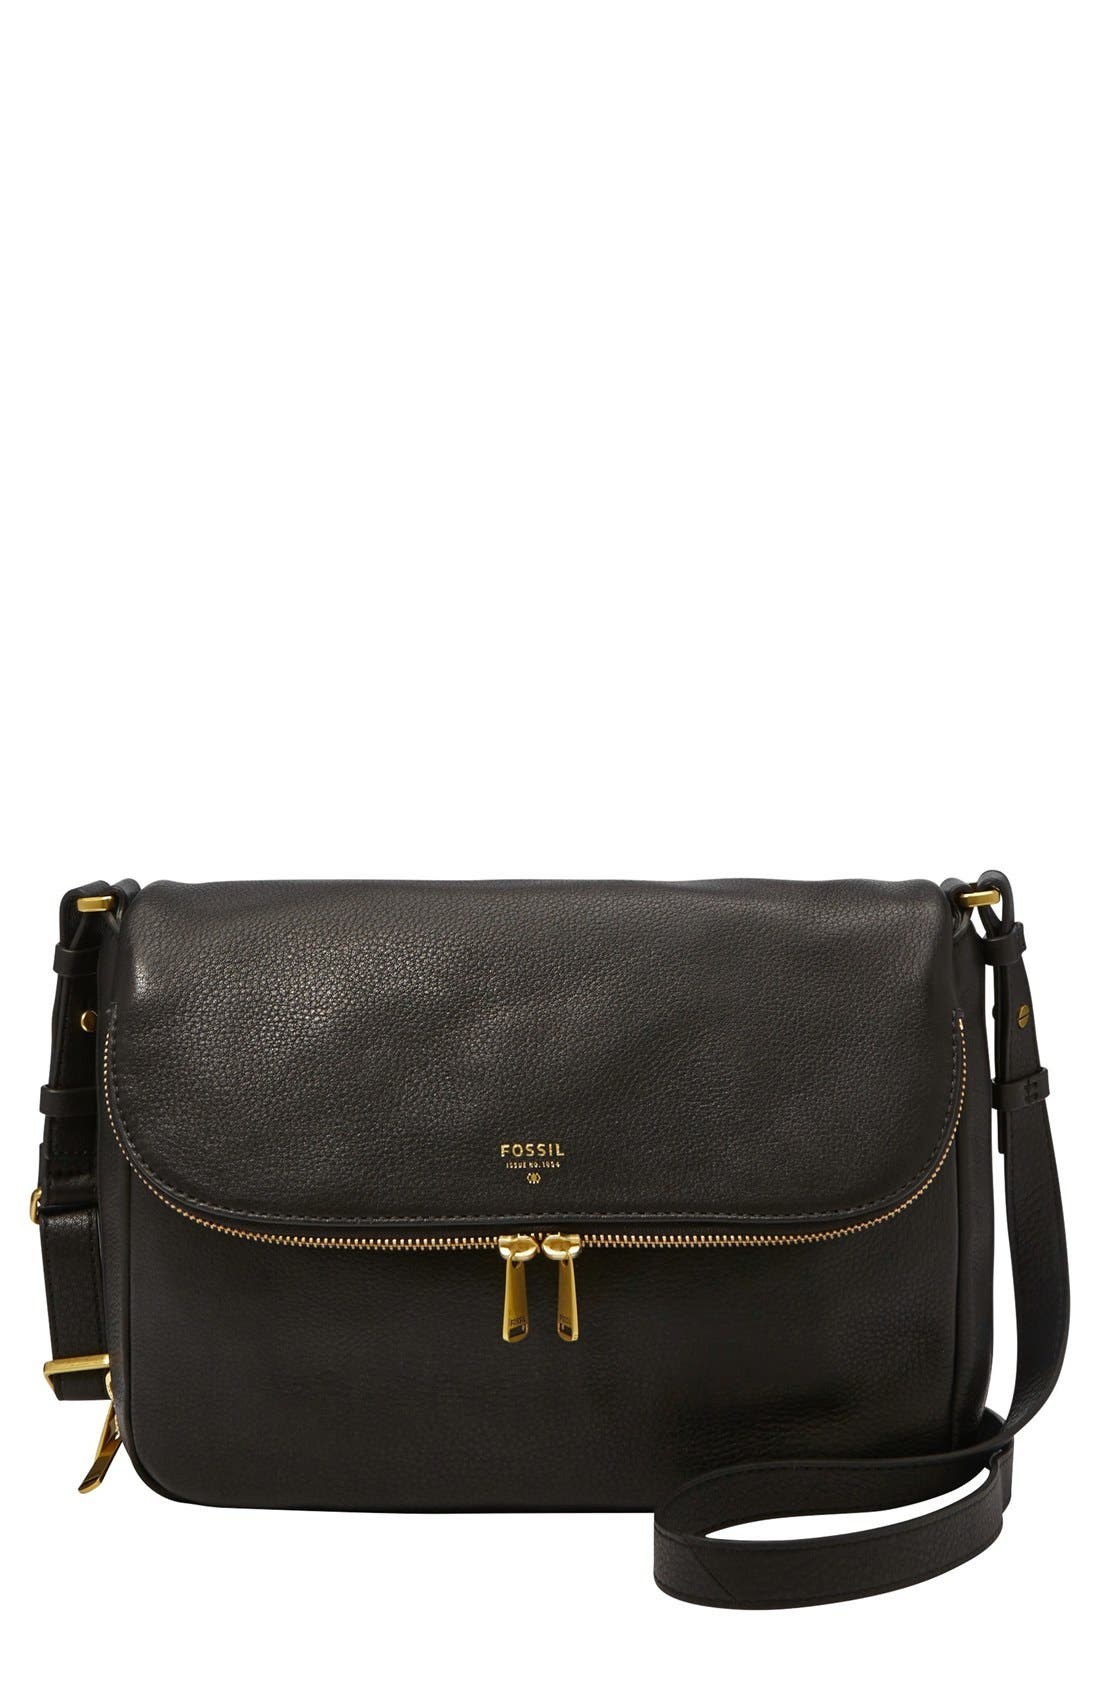 FOSSIL 'Preston' Leather Shoulder Bag, Main, color, 001